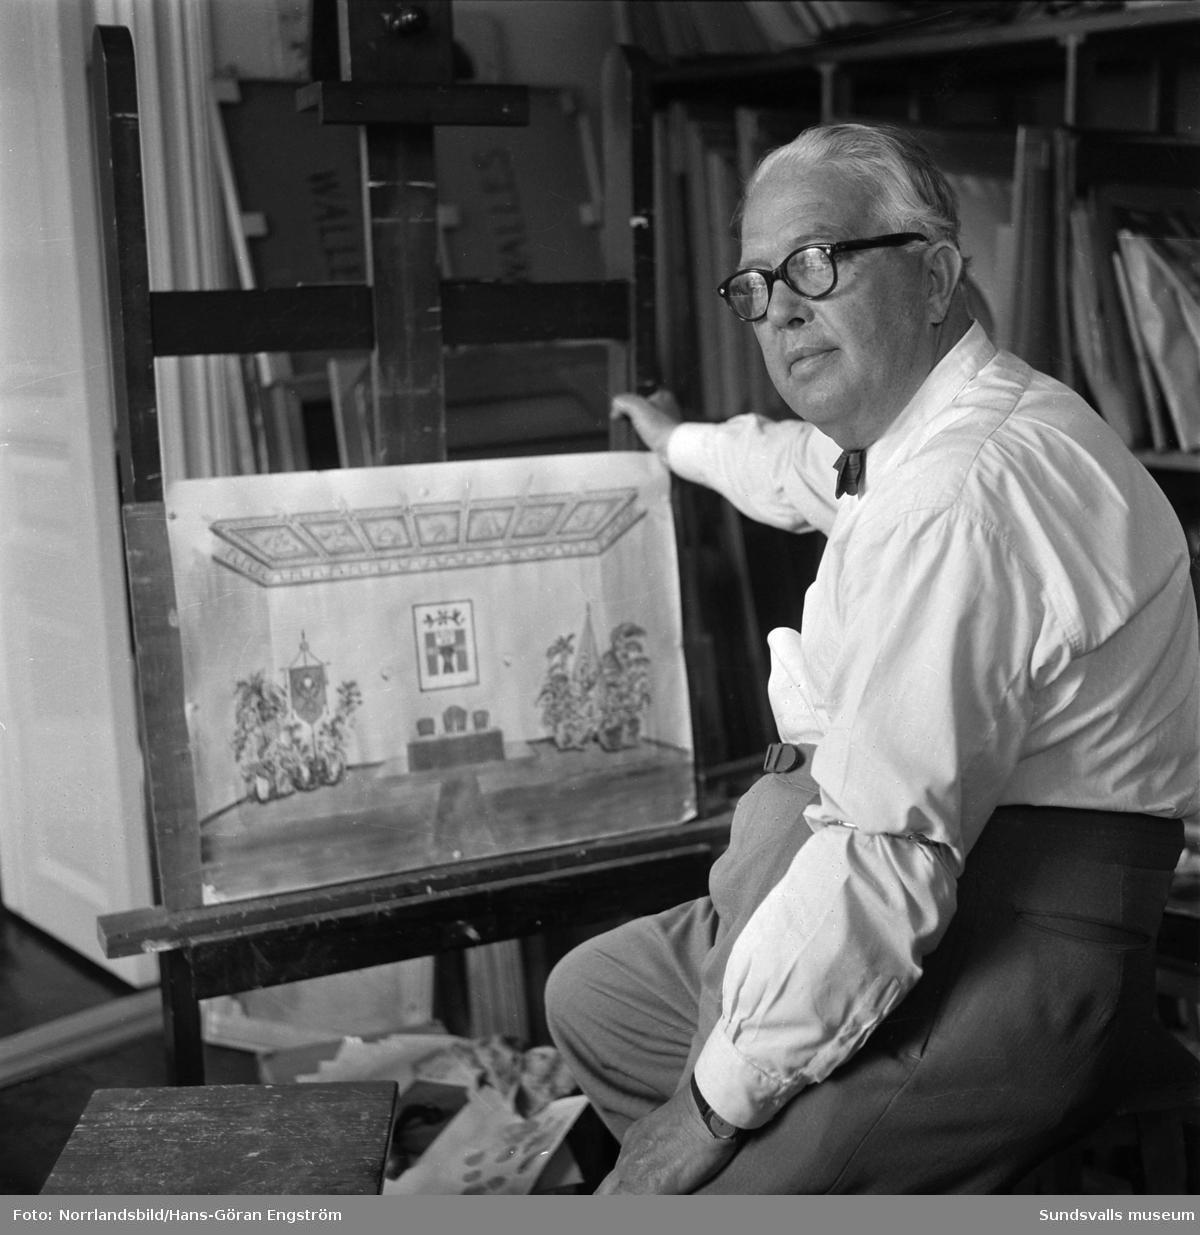 Konstnären Gustaf Walles vid sitt staffli. Skissen visar Hantverksföreningens festsal vid 200-årsjubileét 1761-1961. Gustaf Walles dekorerade taket i denna lokal.